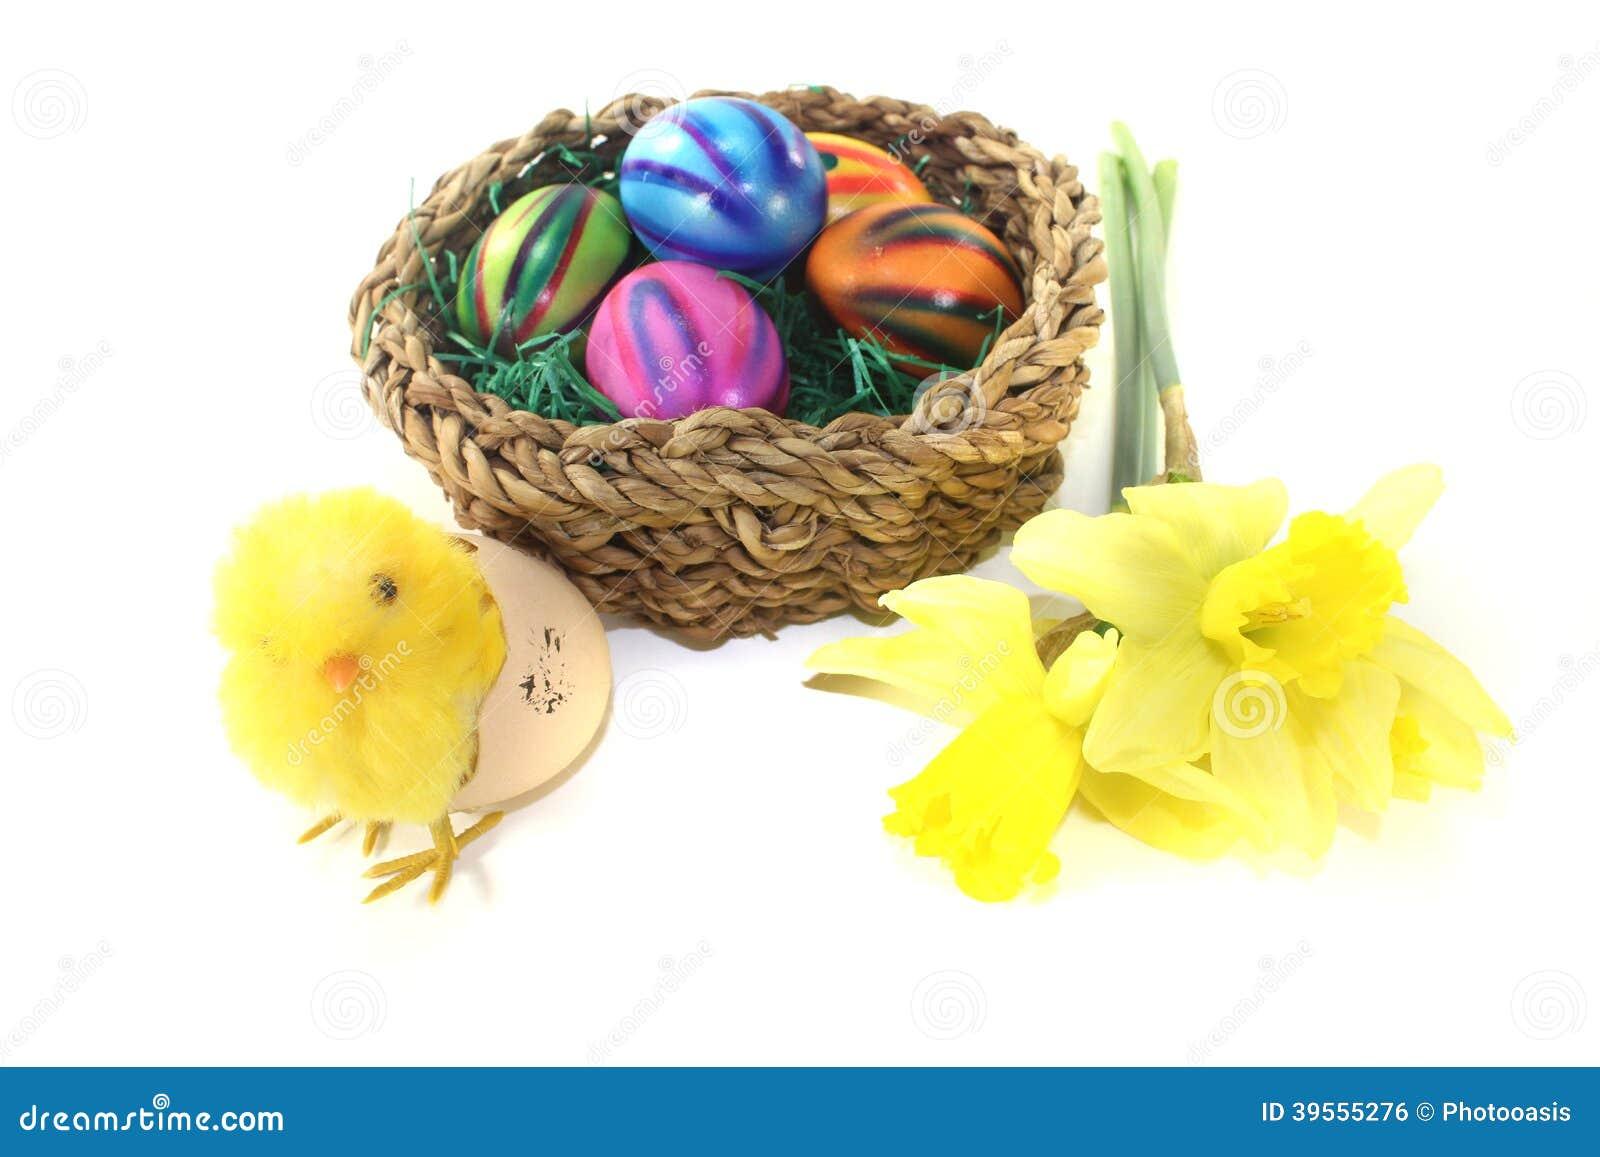 Påskkorg med fågelungen och ägg